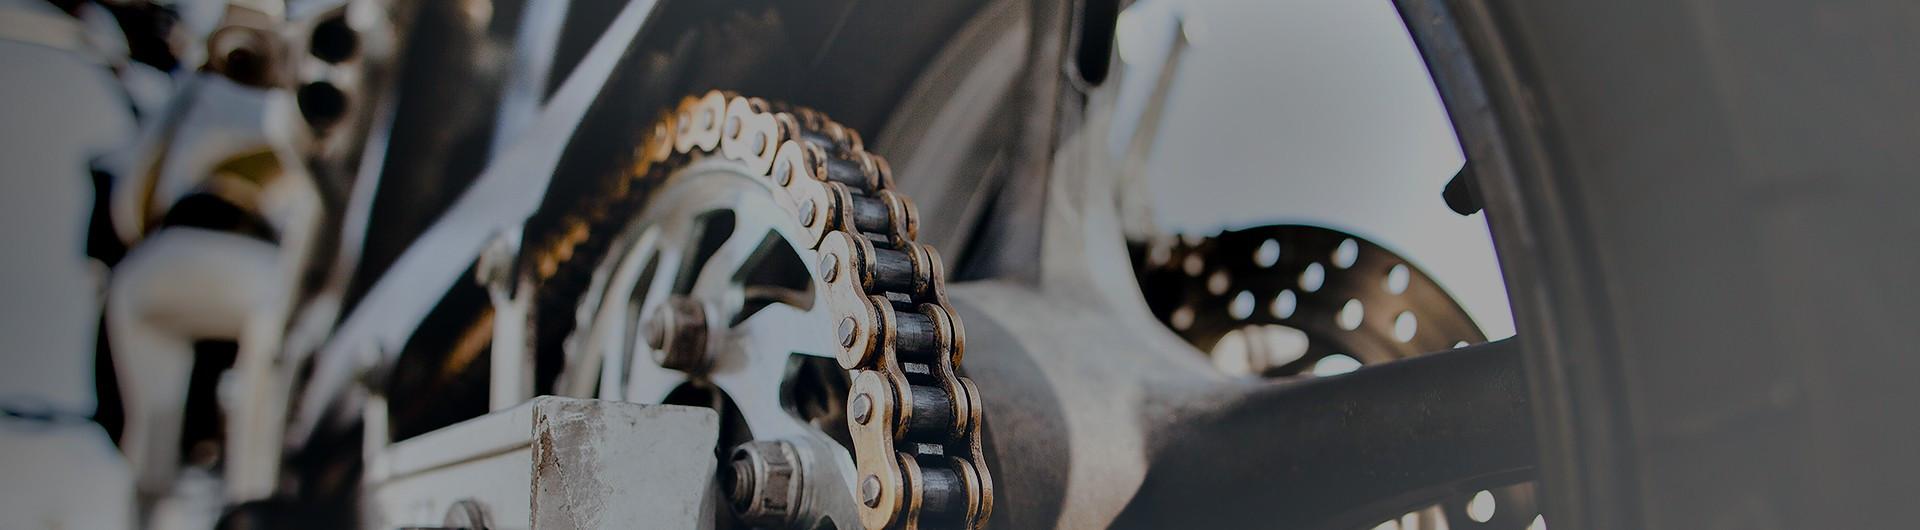 Motoczęści24h - Układ napędowy